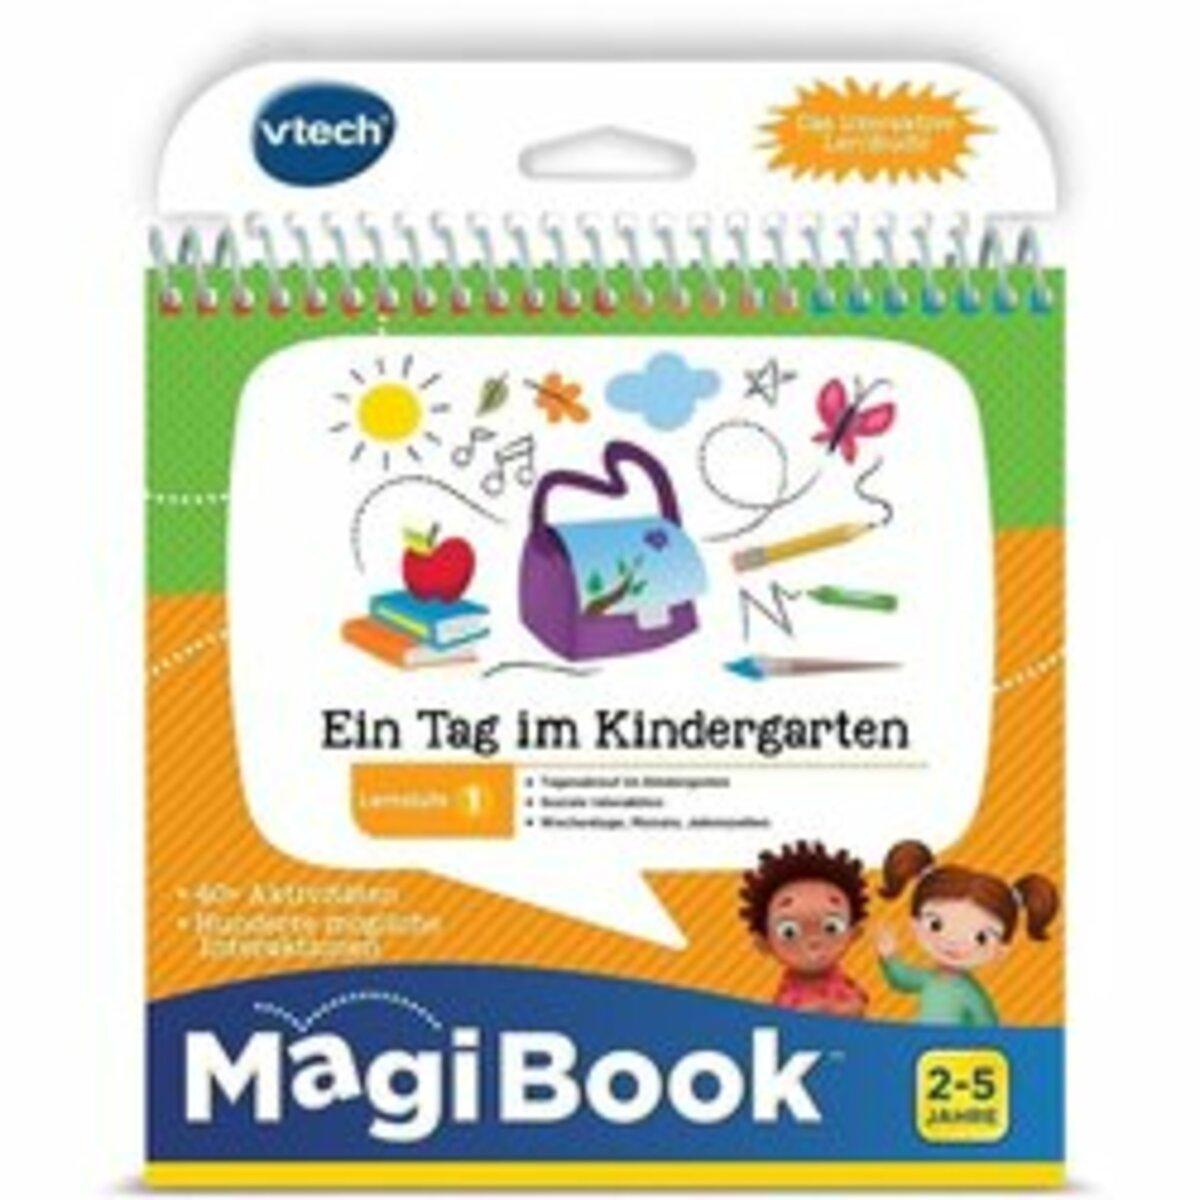 Bild 3 von VTech - MagiBook: Ein Tag im Kindergarten (Lernstufe 1)